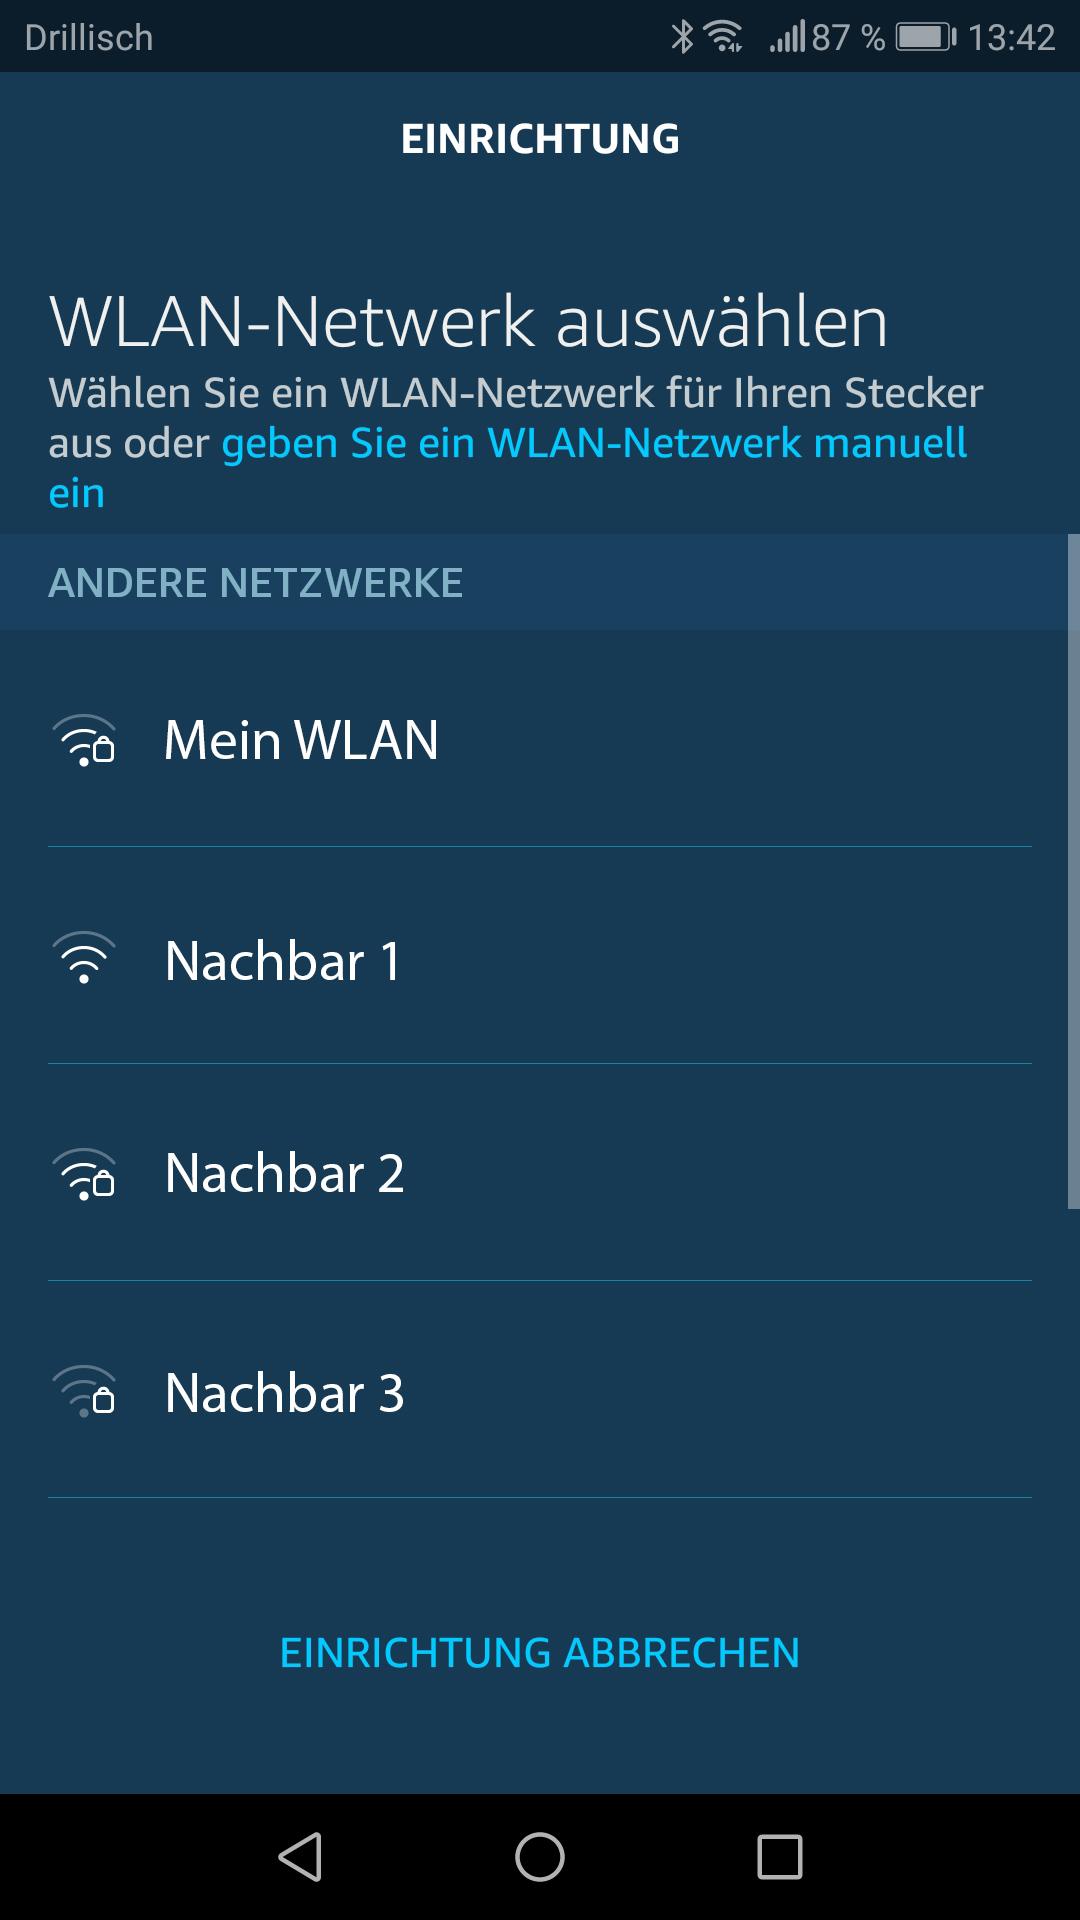 Smartphone App: WLAN Netzwerk auswählen